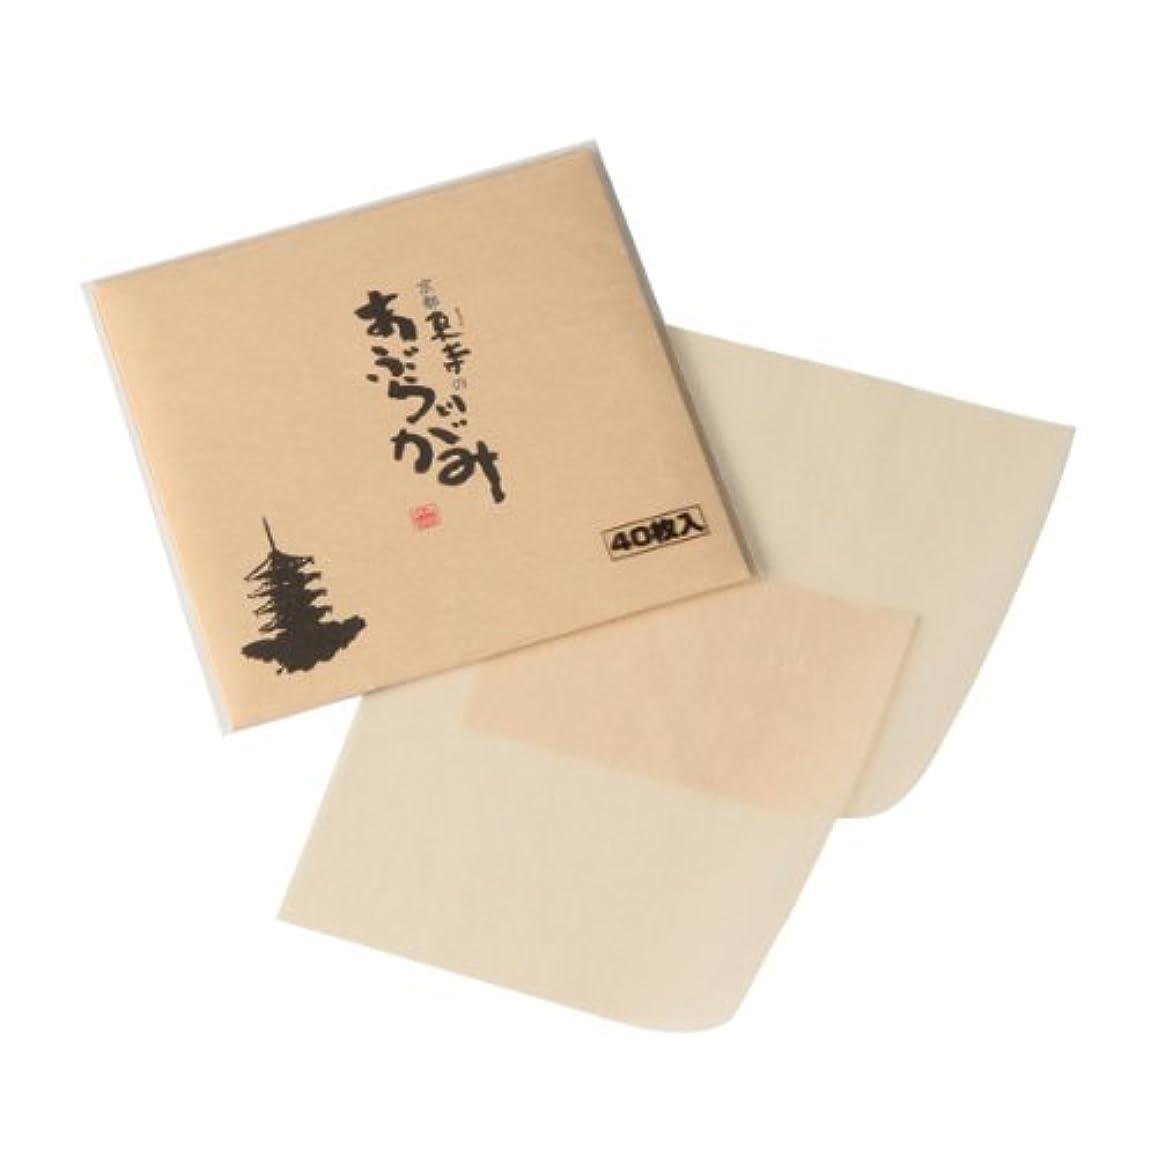 戦うサーマル重要な役割を果たす、中心的な手段となる京都東寺のあぶらとりがみ レギュラーサイズ 40枚入